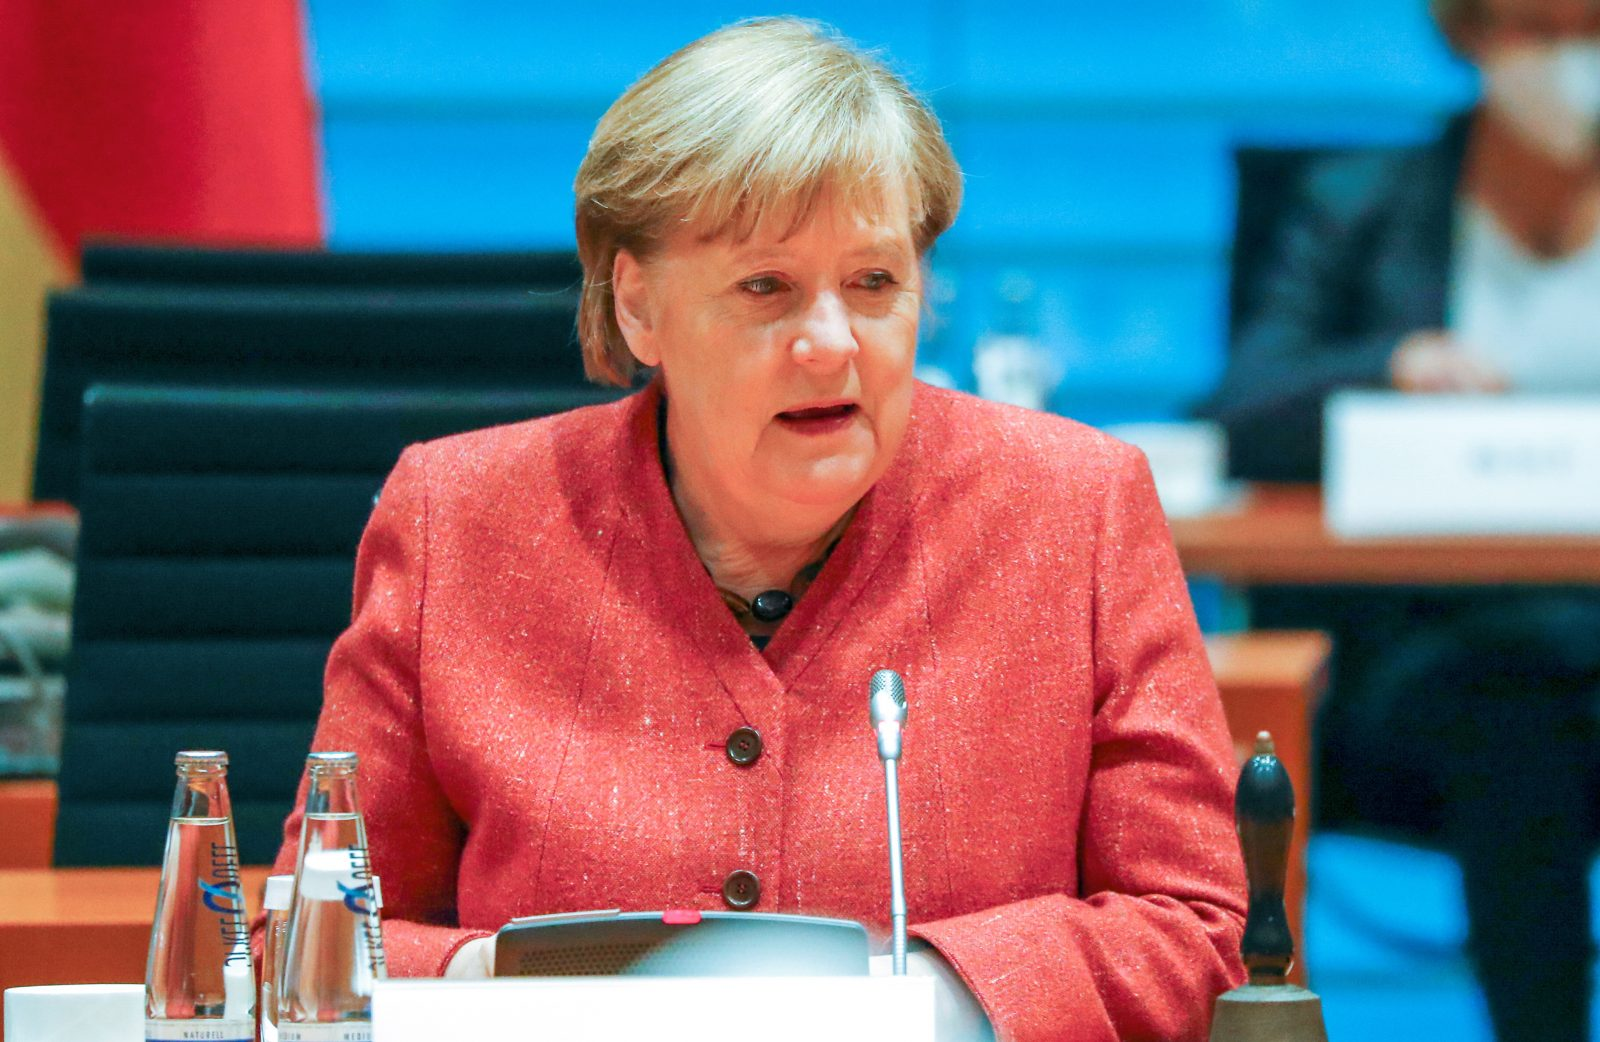 Der Lockdown bereitet Bundeskanzlerin Angela Merkel (CDU) Sorge hinsichtlich der Bildung von Migrantenkindern Foto: picture alliance/dpa/Reuters/Pool | Fabrizio Bensch